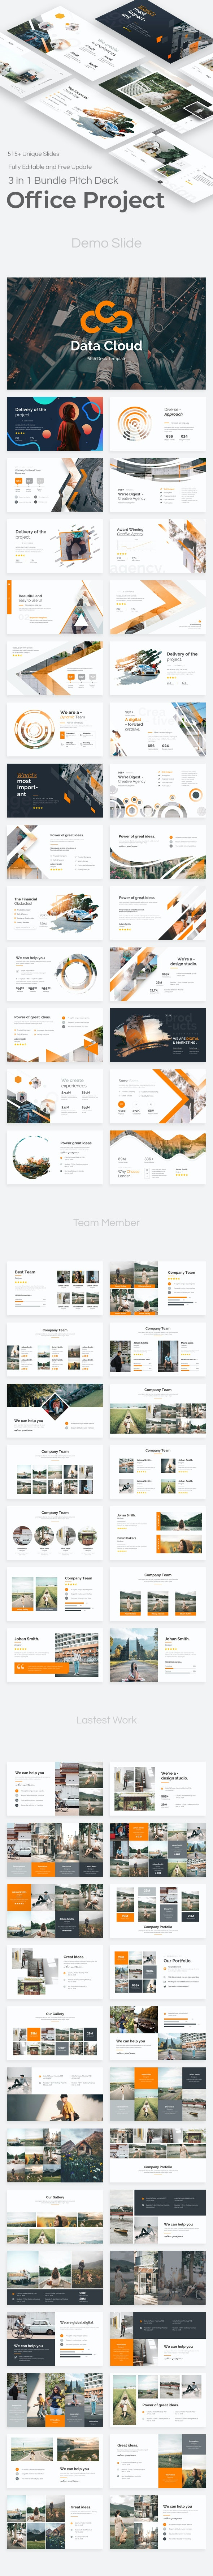 Office Project 3 in 1 Pitch Deck Google Slide Bundle Template - Google Slides Presentation Templates